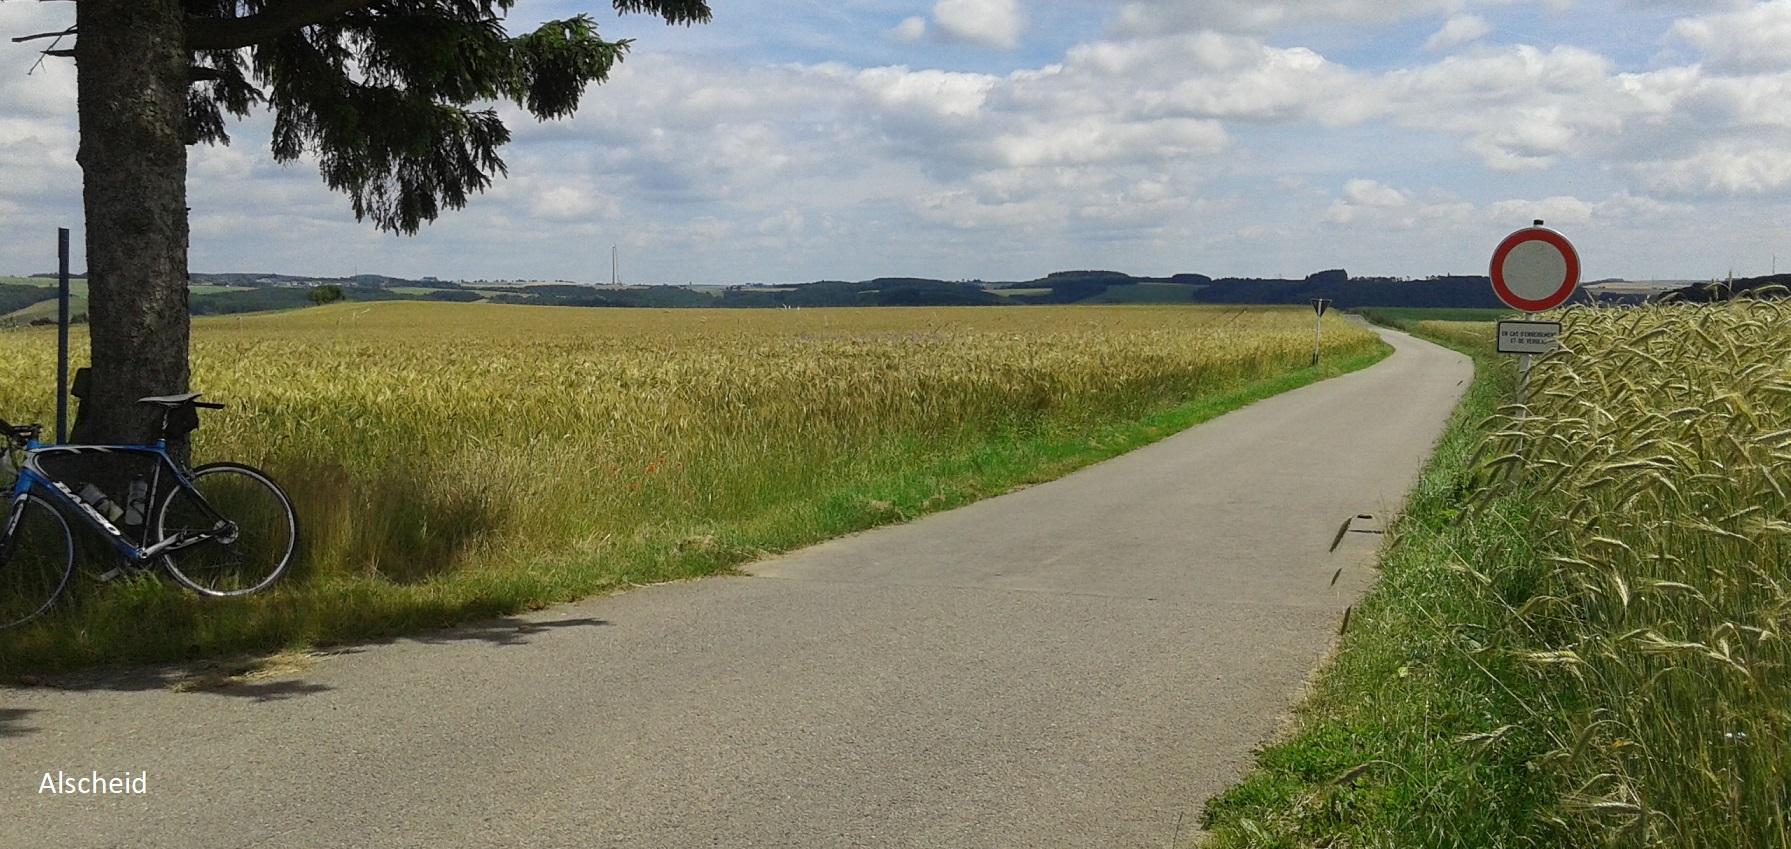 Alscheid (Luxemburg)